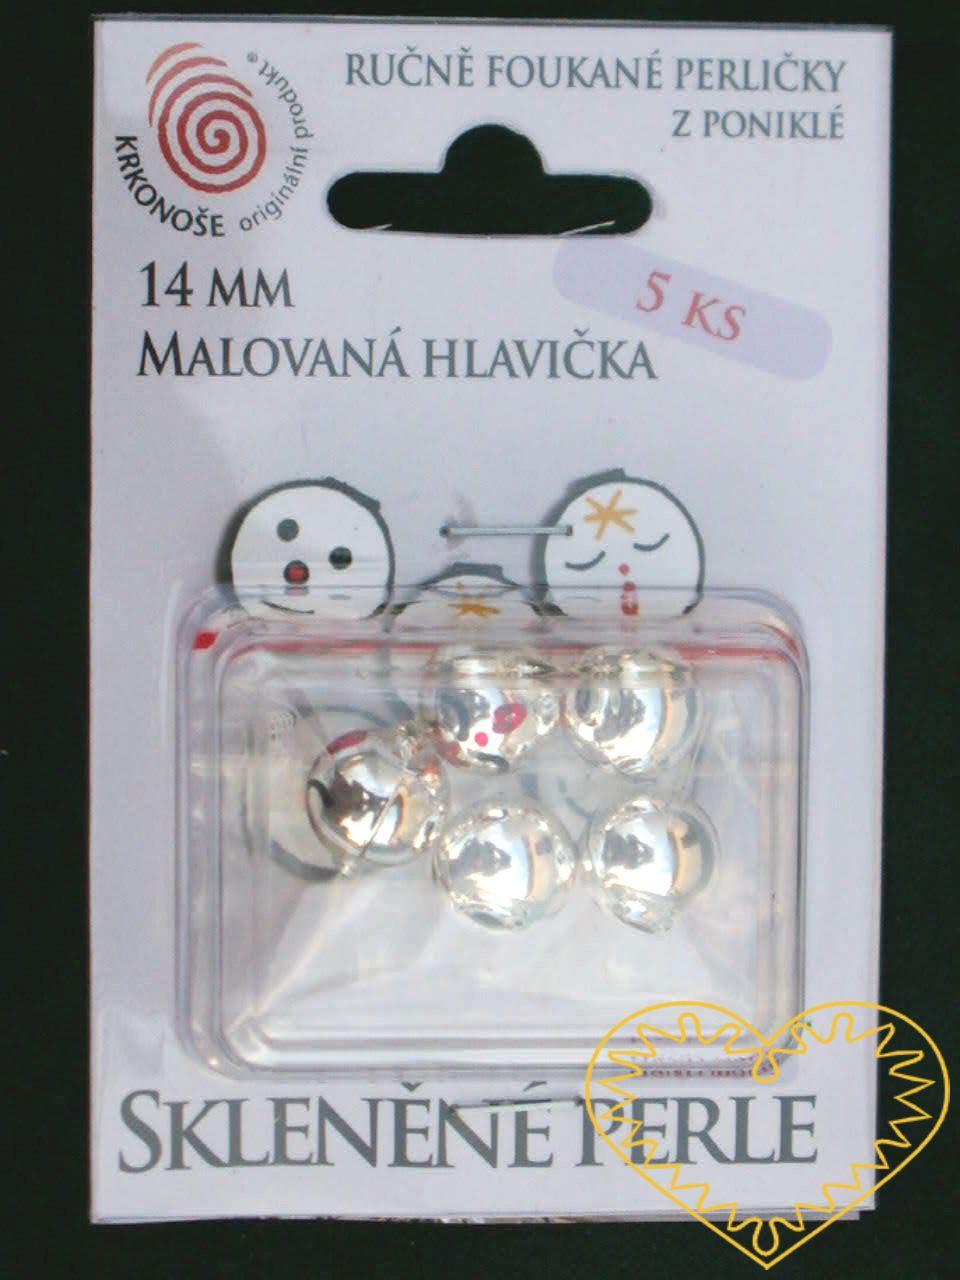 Ručně foukané a malované lesklé skleněné perle - znázorňující zpívající obličej - ø 14 mm. Hlavičky jsou baleny v plastovém blistru po 5 ks s možností závěsu. Jedná se o komponenty určené pro výrobu figurek a vánočních ozdob. Vzhledem k ostrým hranám